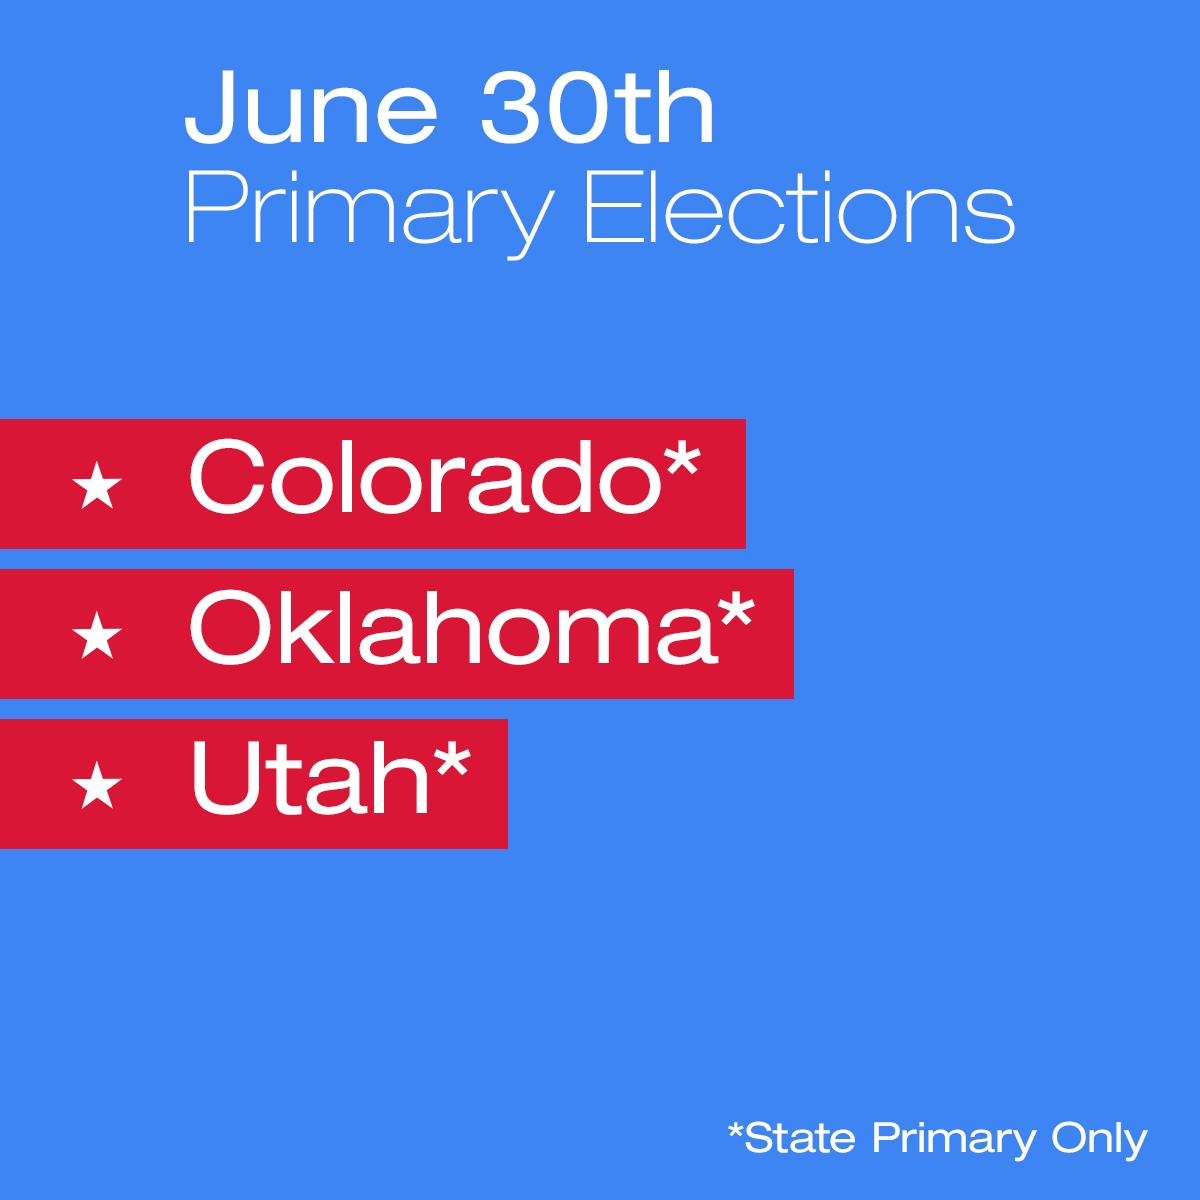 Go vote! https://t.co/r2w2qR0d5D